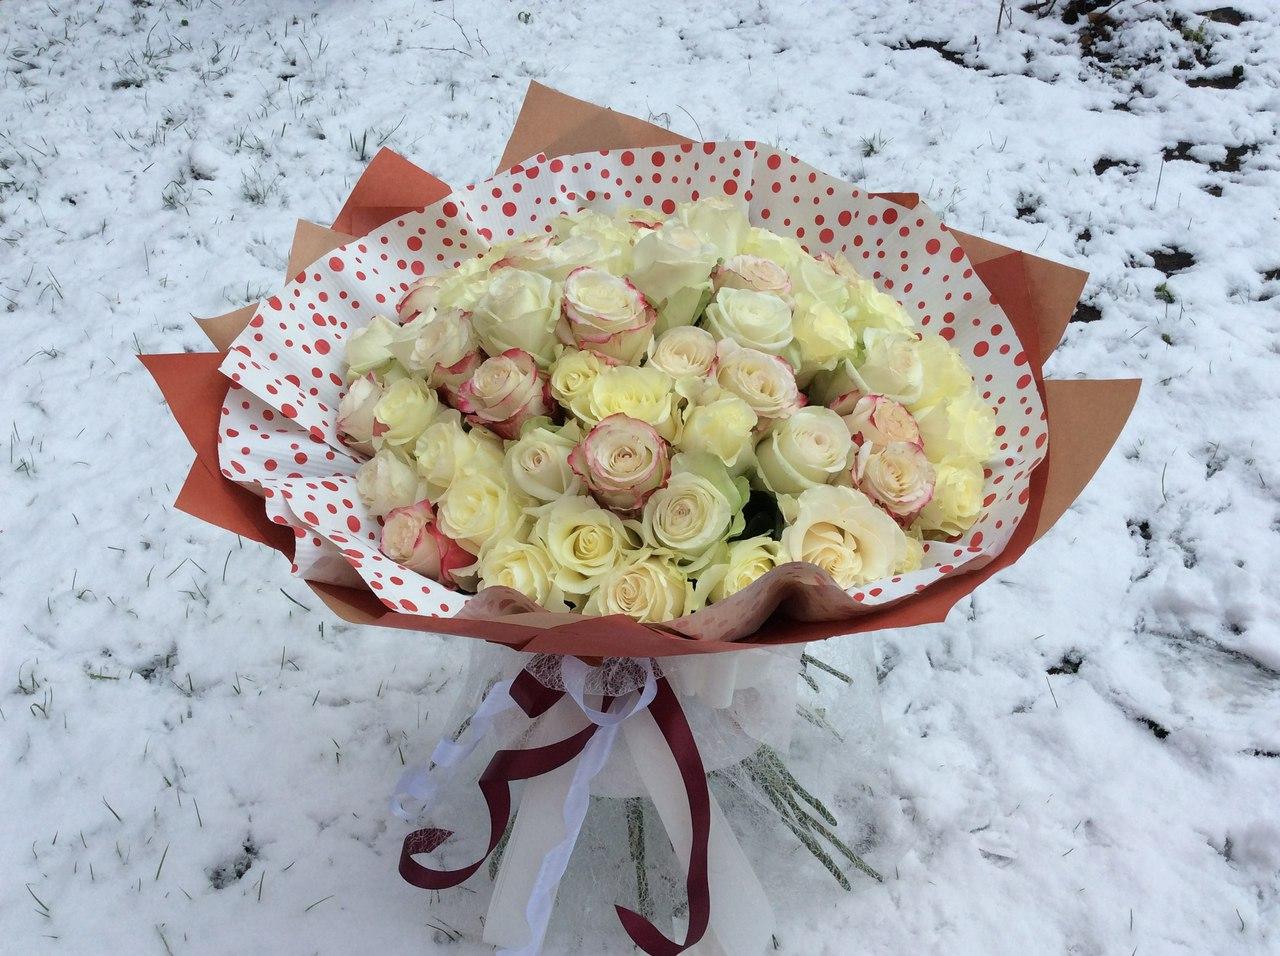 Цветы в коробке и цена 46